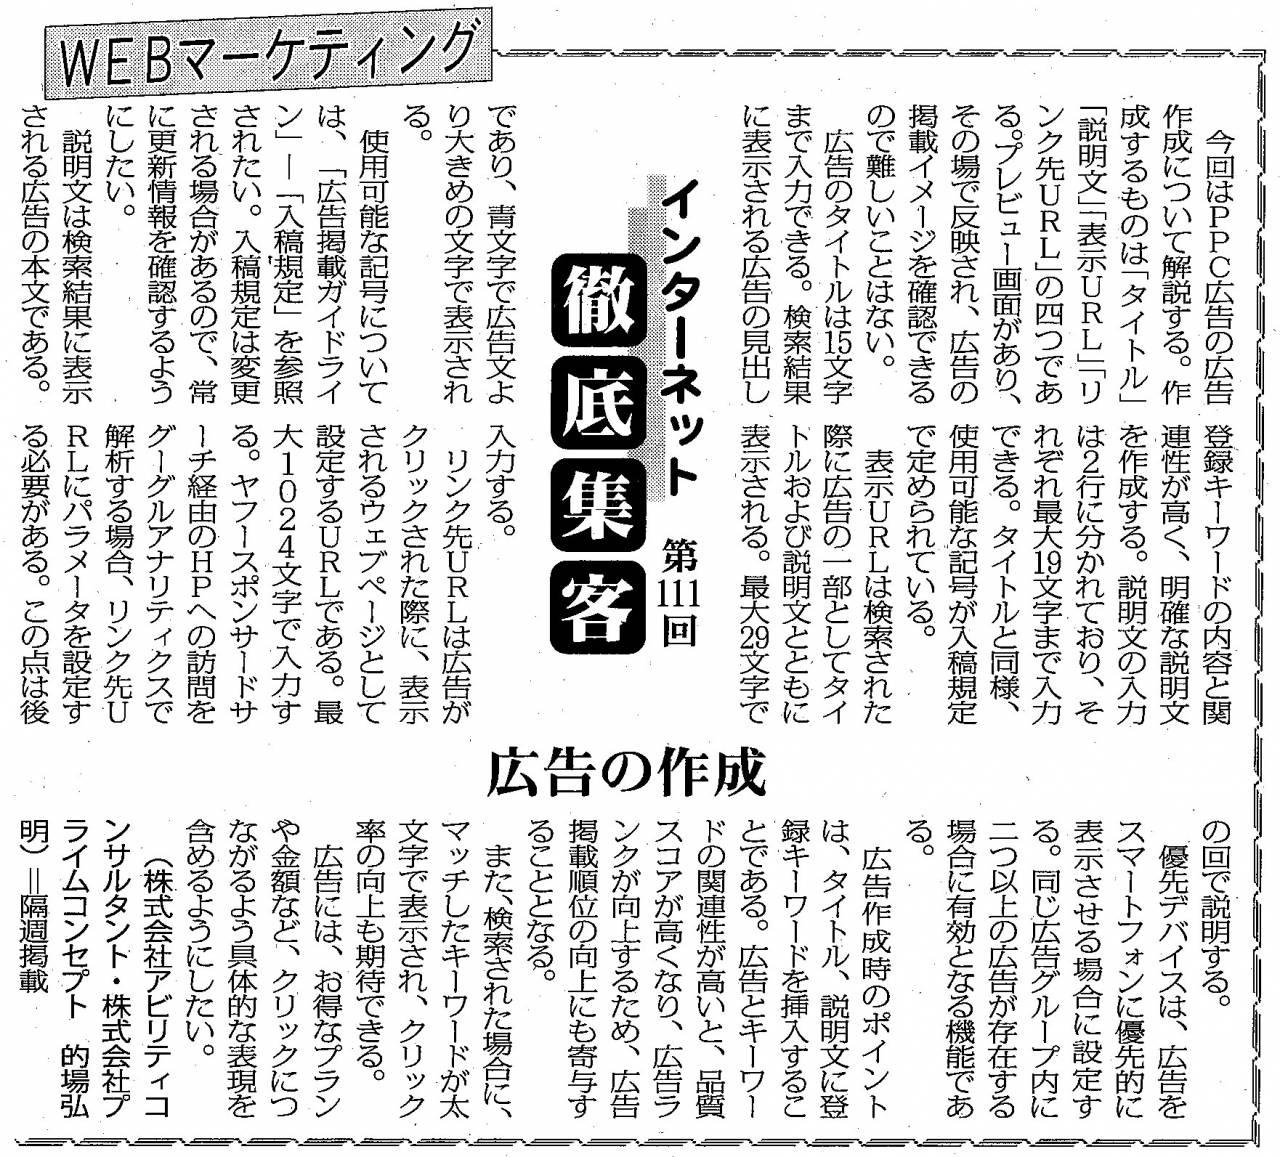 【第111回】WEBマーケティング  広告の作成